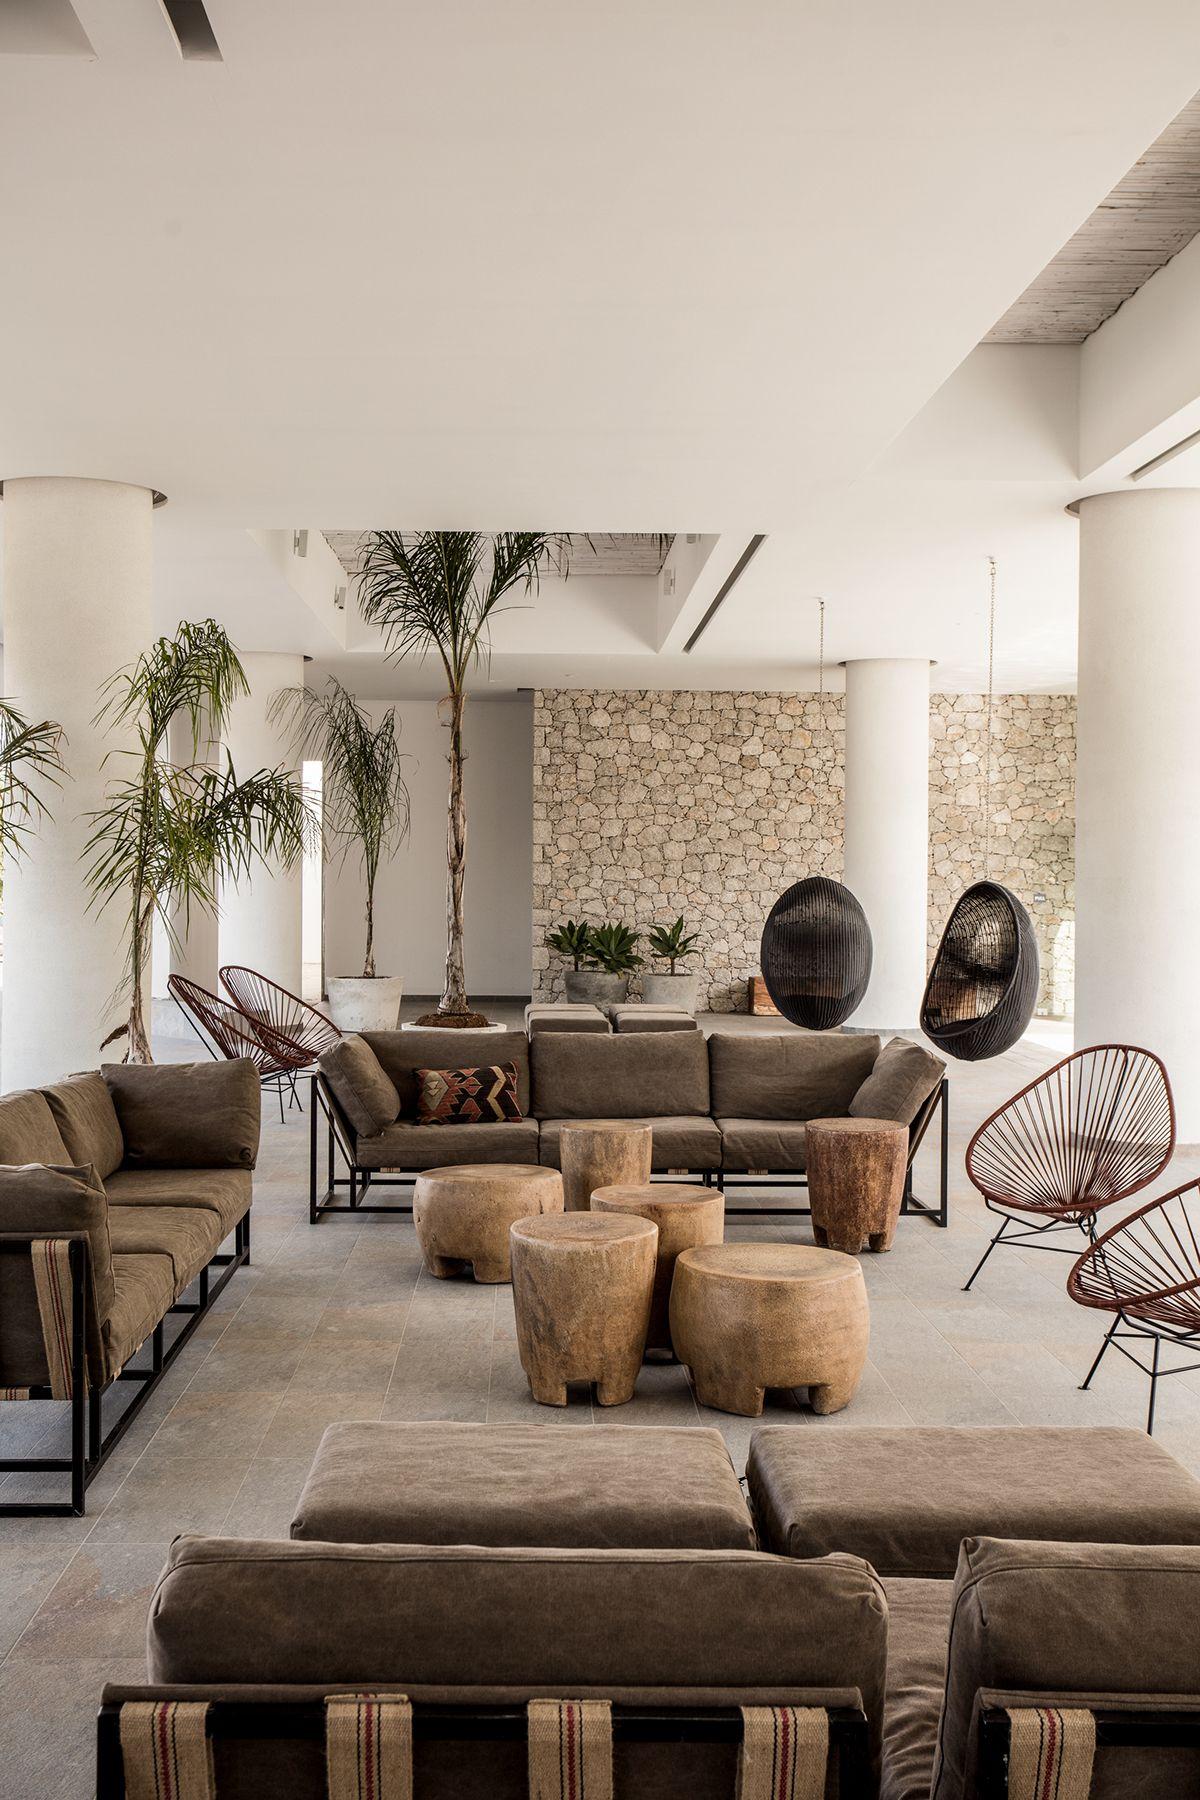 Top Wohndesign Materialien Tendenzen 2017 | HOLZ | BRABBU ist eine ...